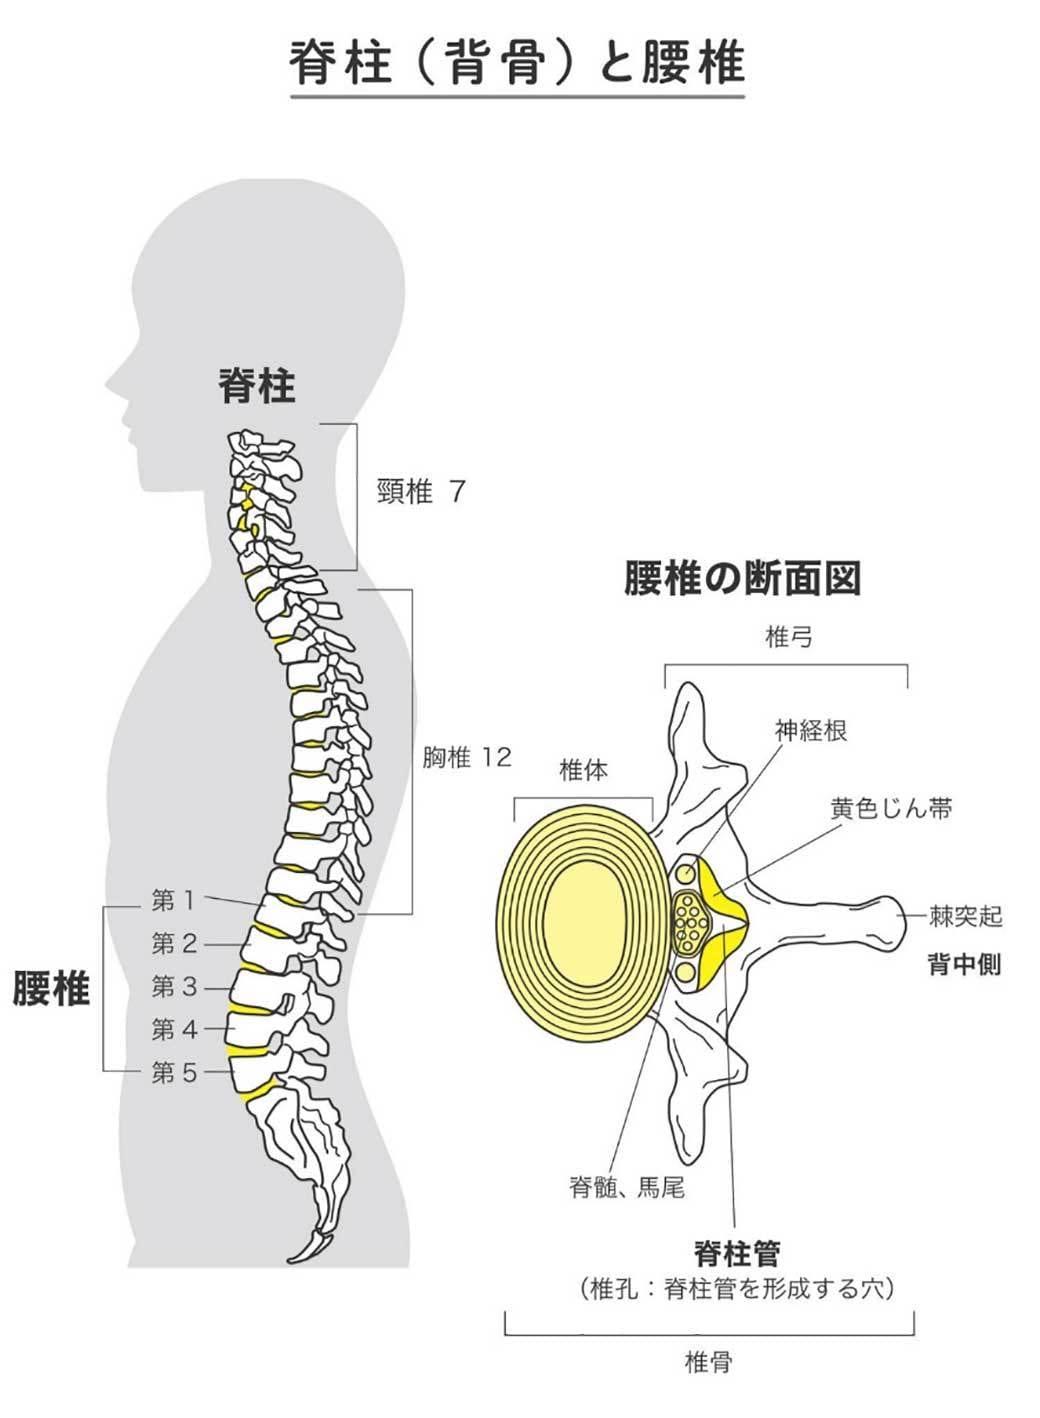 痛み 背中 ストレッチ の